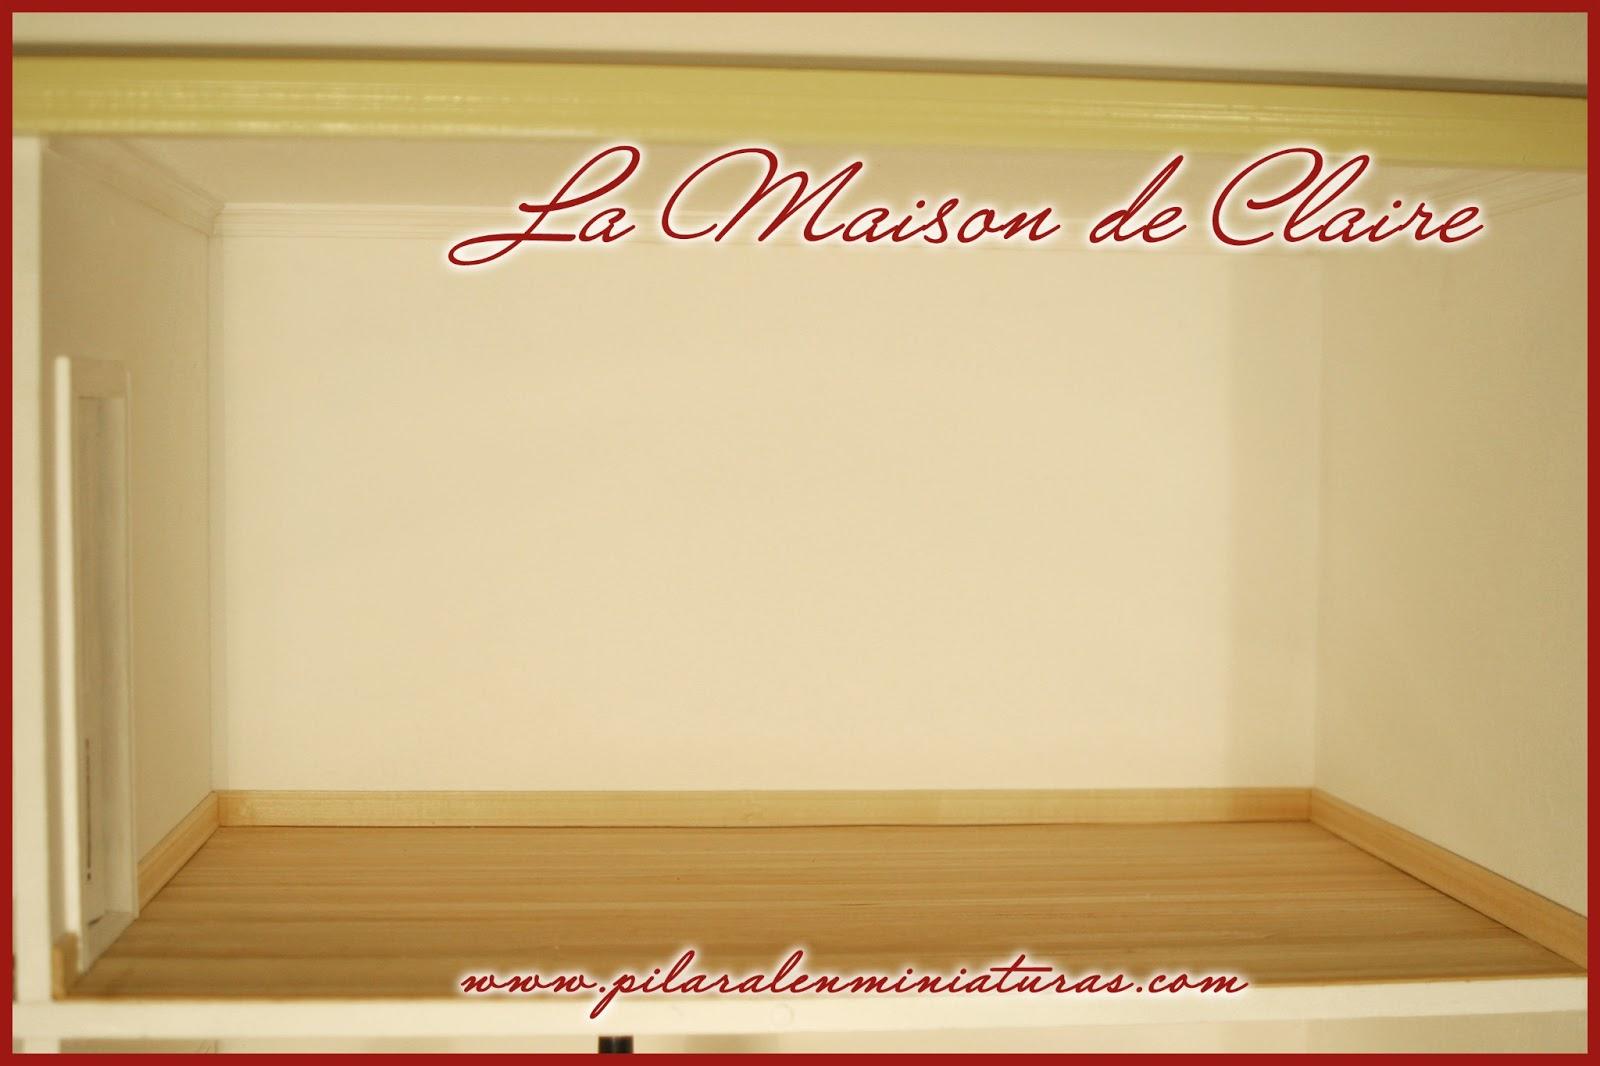 Pilar alen miniaturas la maison de claire i for Maison de claire